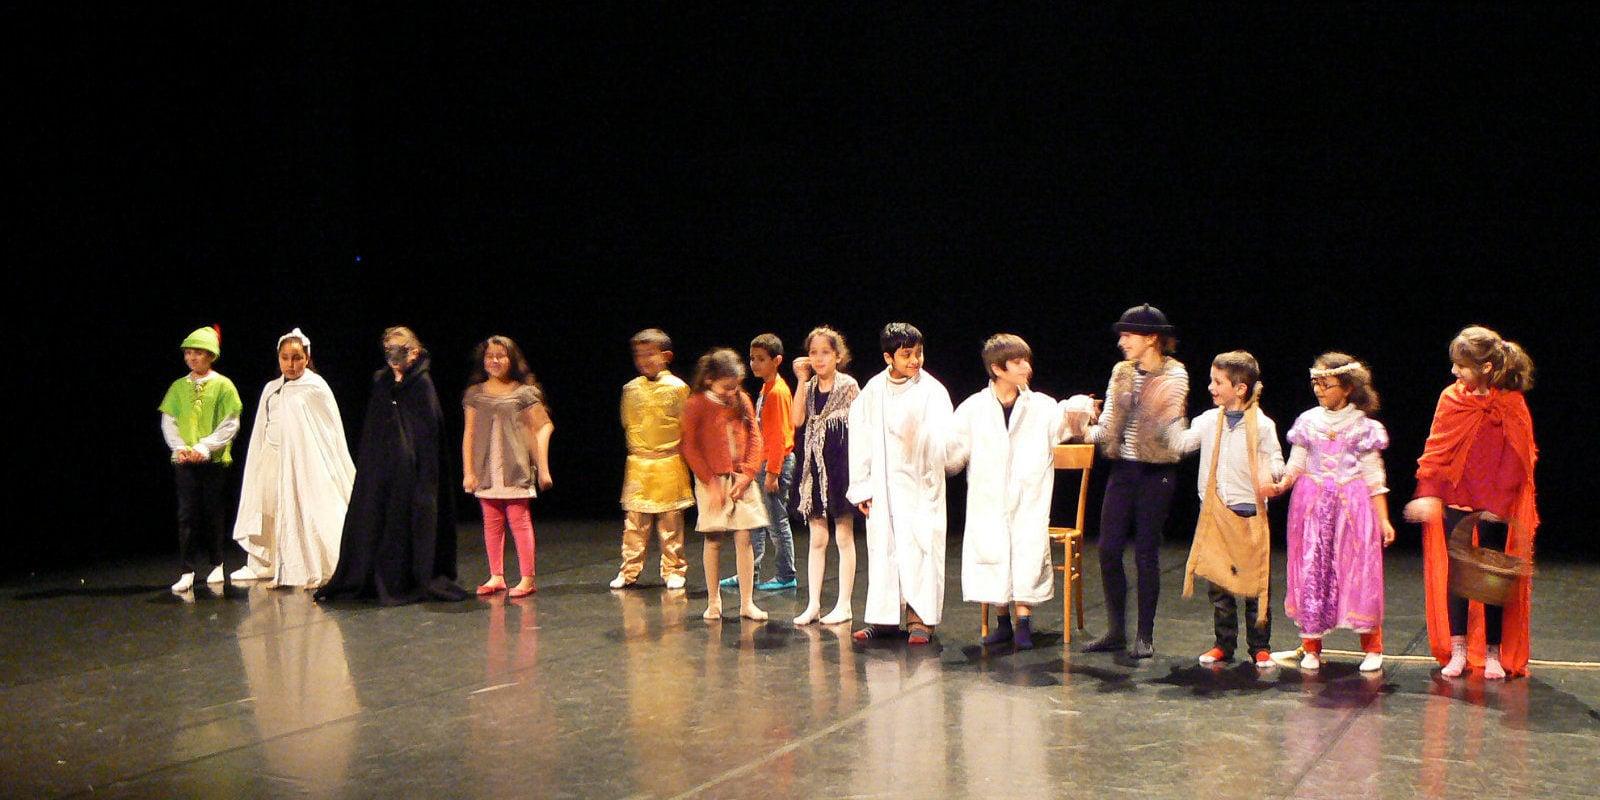 À l'école, des mômes en scène, émotions garanties